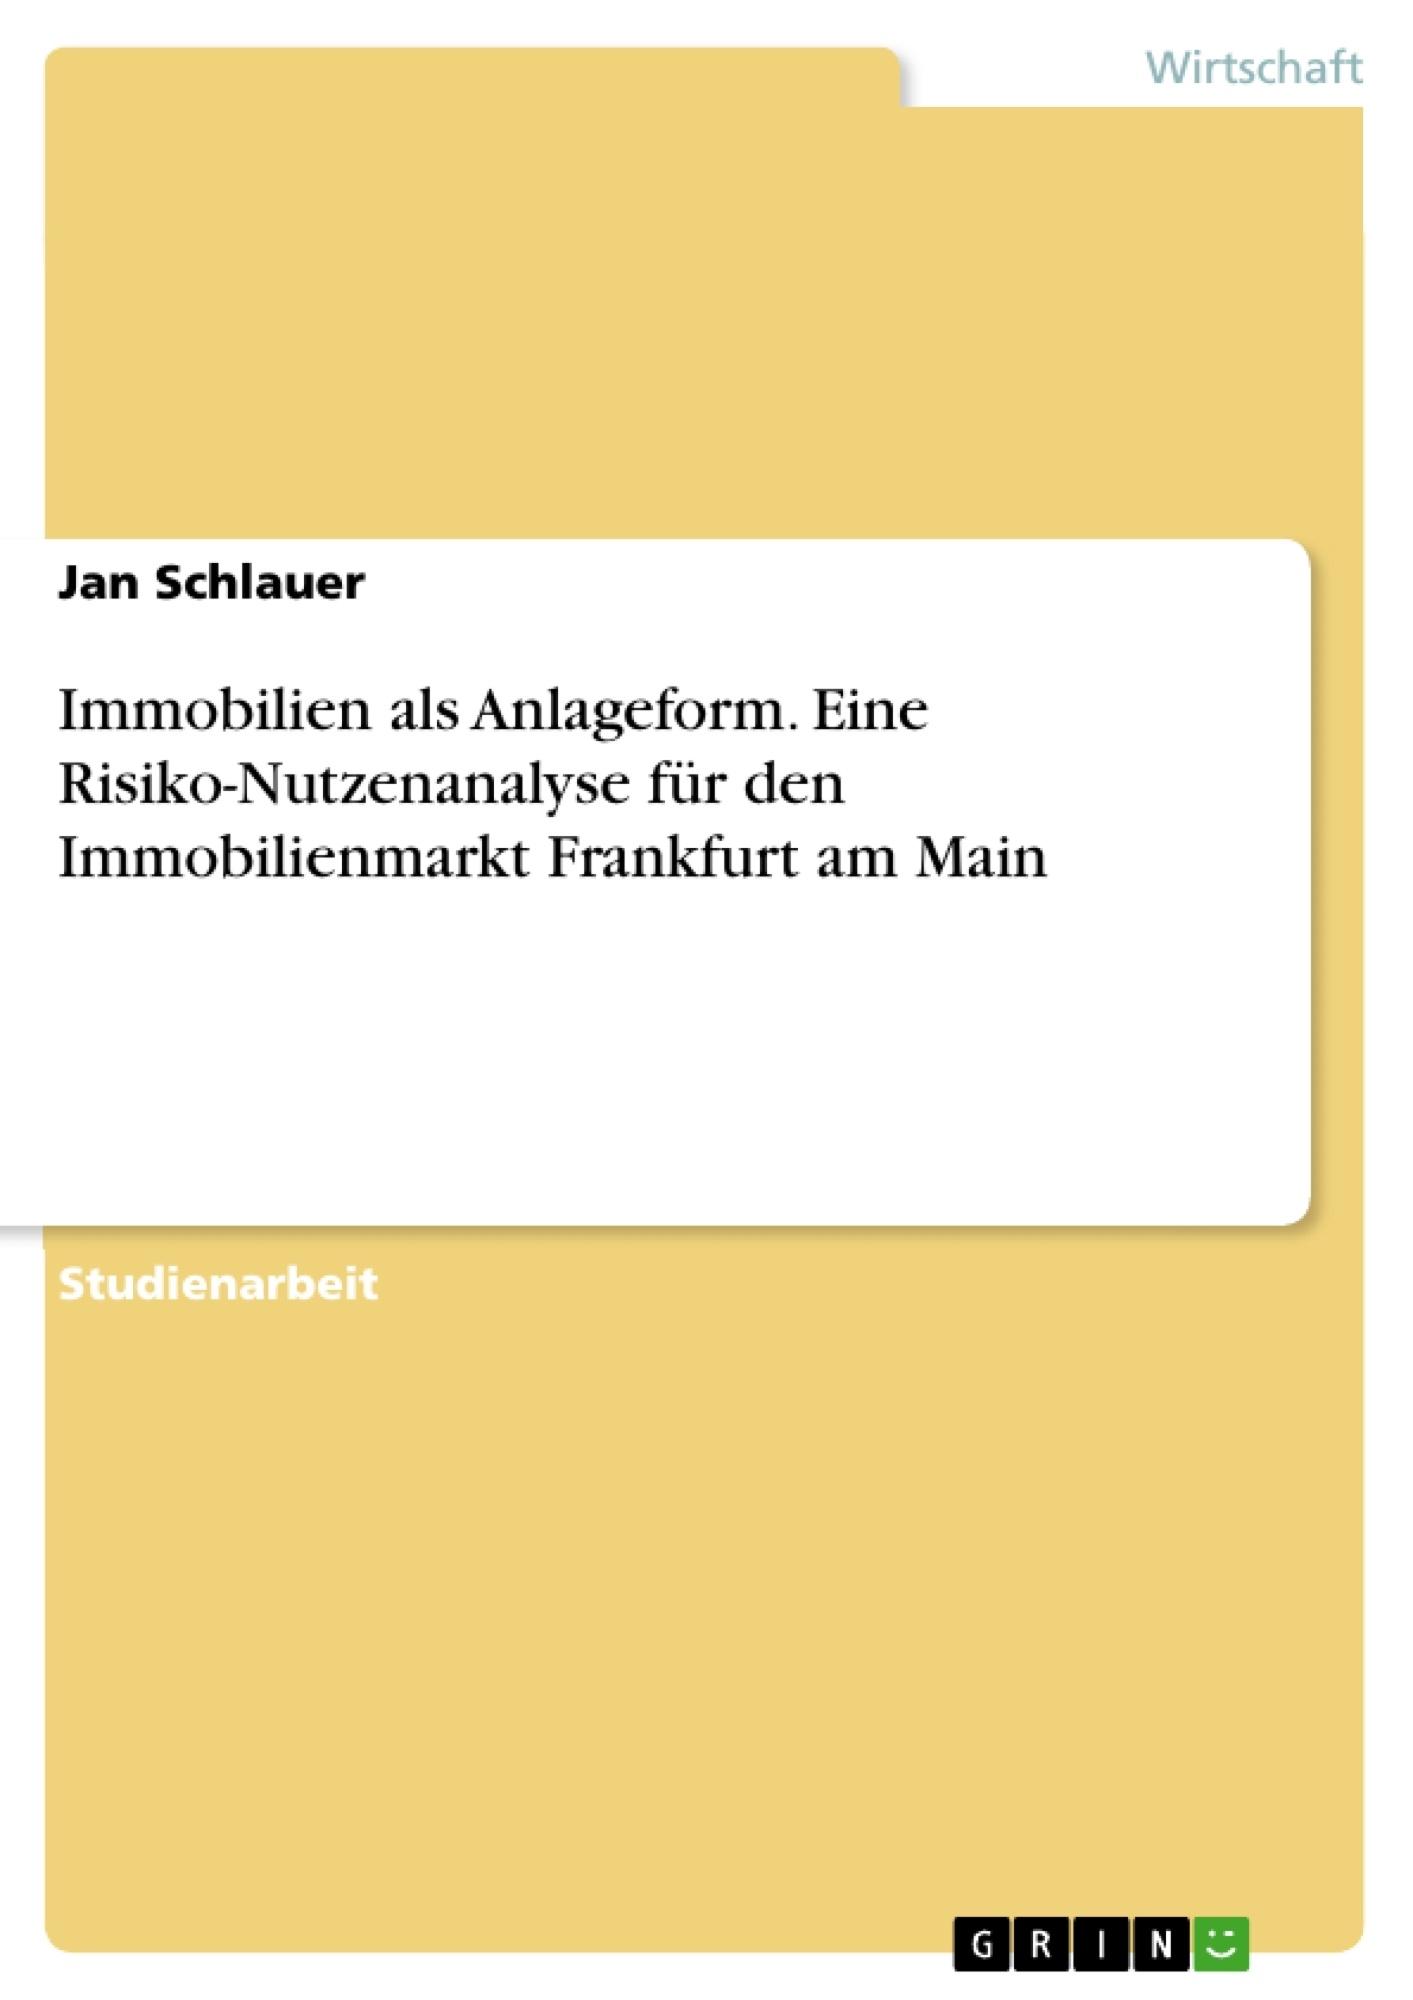 Titel: Immobilien als Anlageform. Eine Risiko-Nutzenanalyse für den Immobilienmarkt Frankfurt am Main